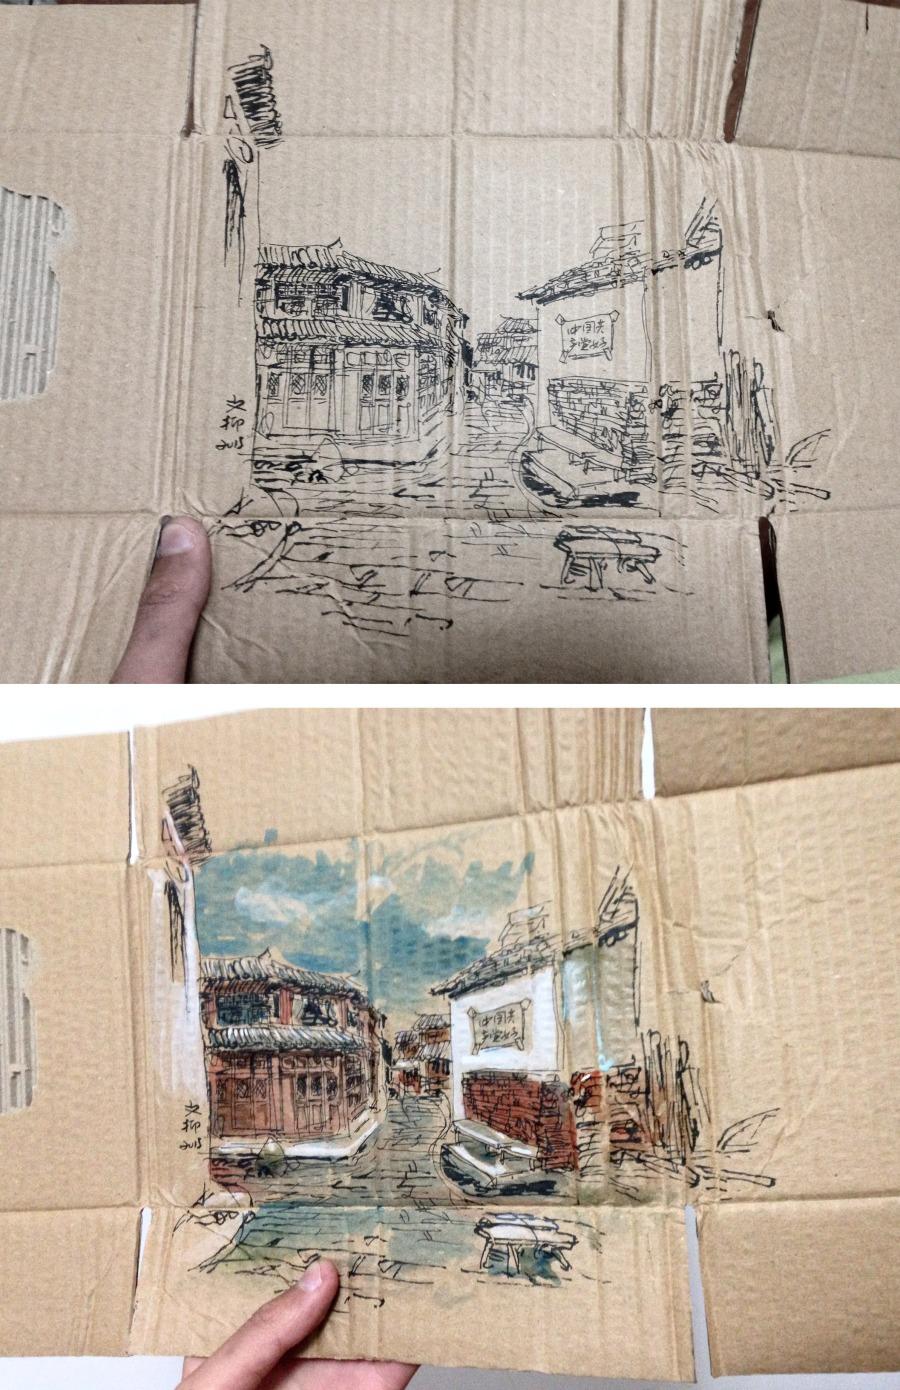 查看《捡捡垃圾,画点小画》原图,原图尺寸:2113x3264